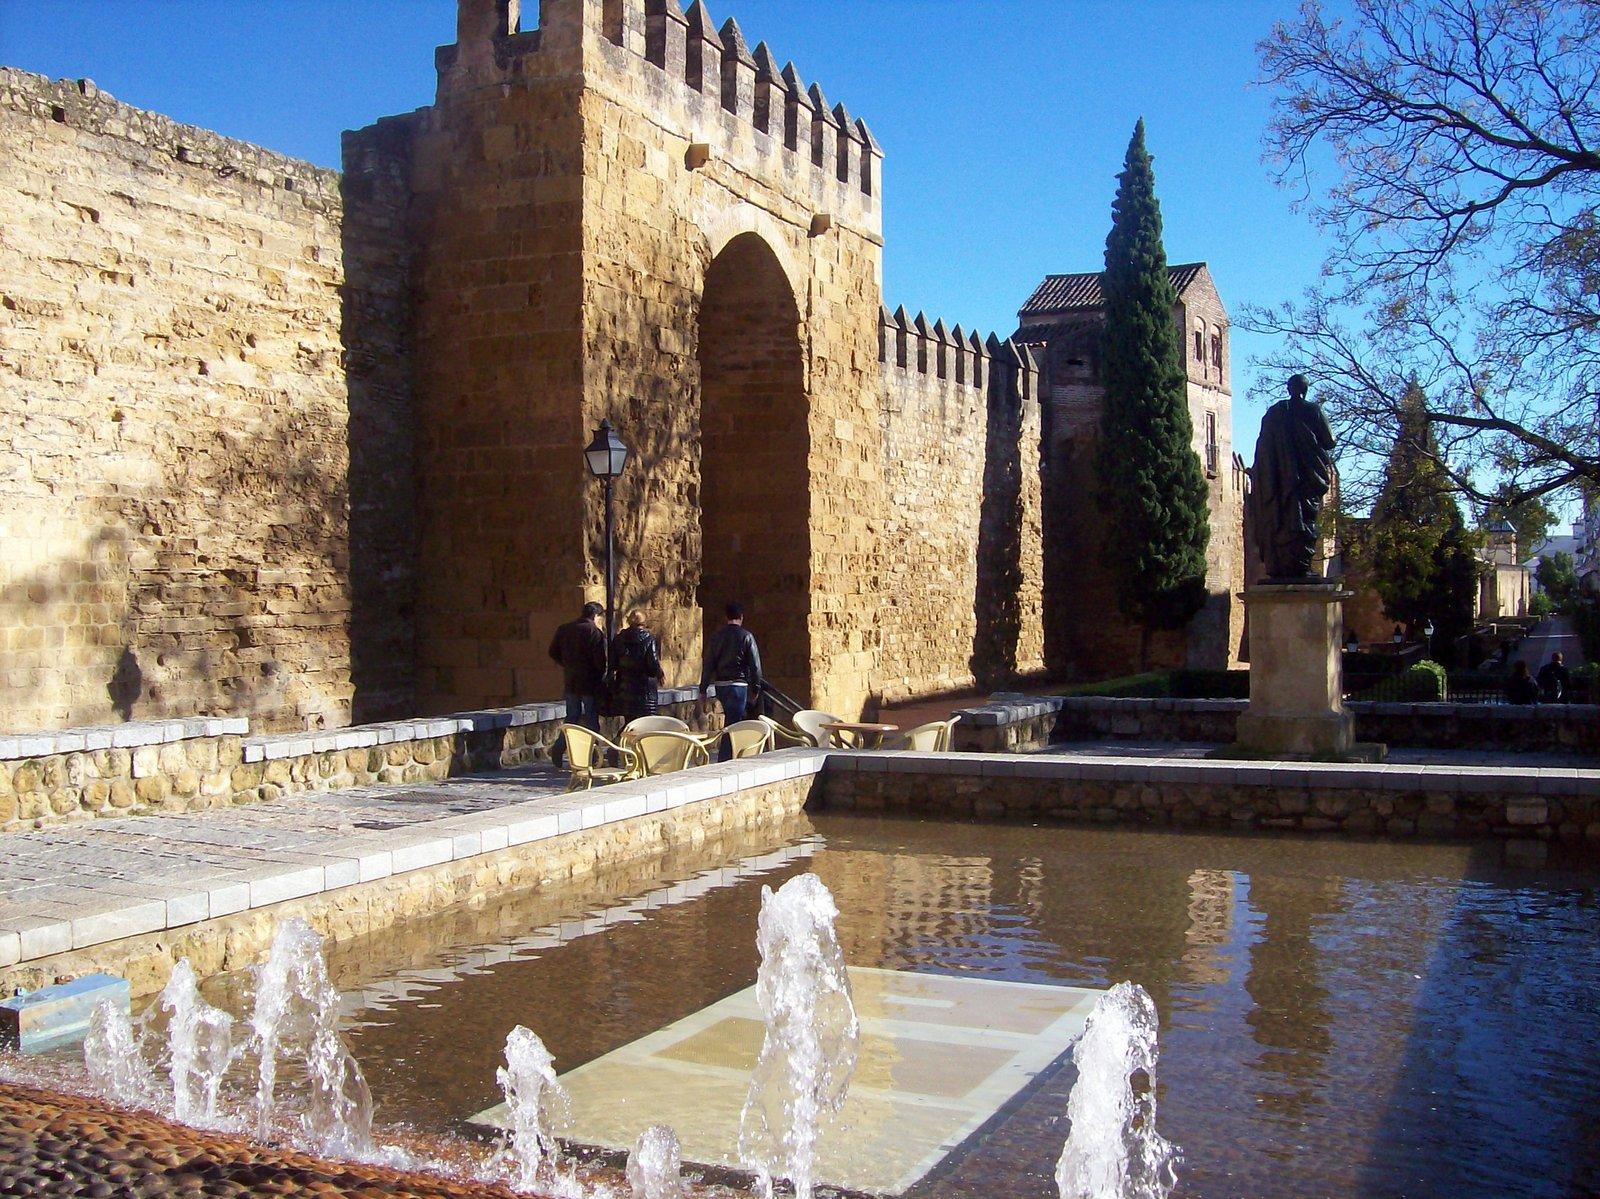 Stadtmauer von Cordoba - Andalusien